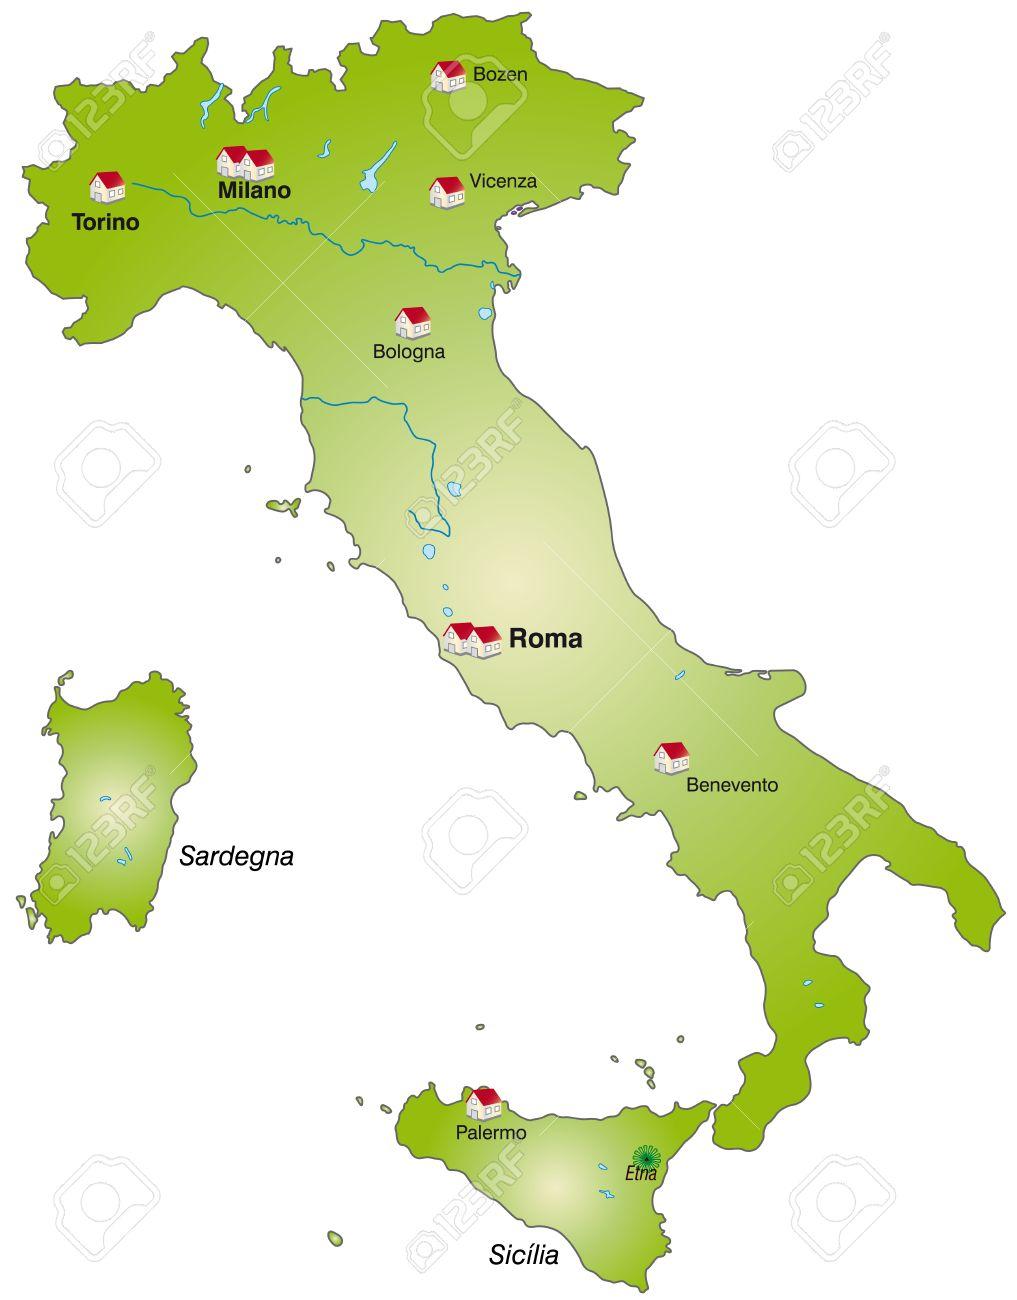 Mapa De Italia Como Una Infografía En Verde Ilustraciones - Mapa de italia